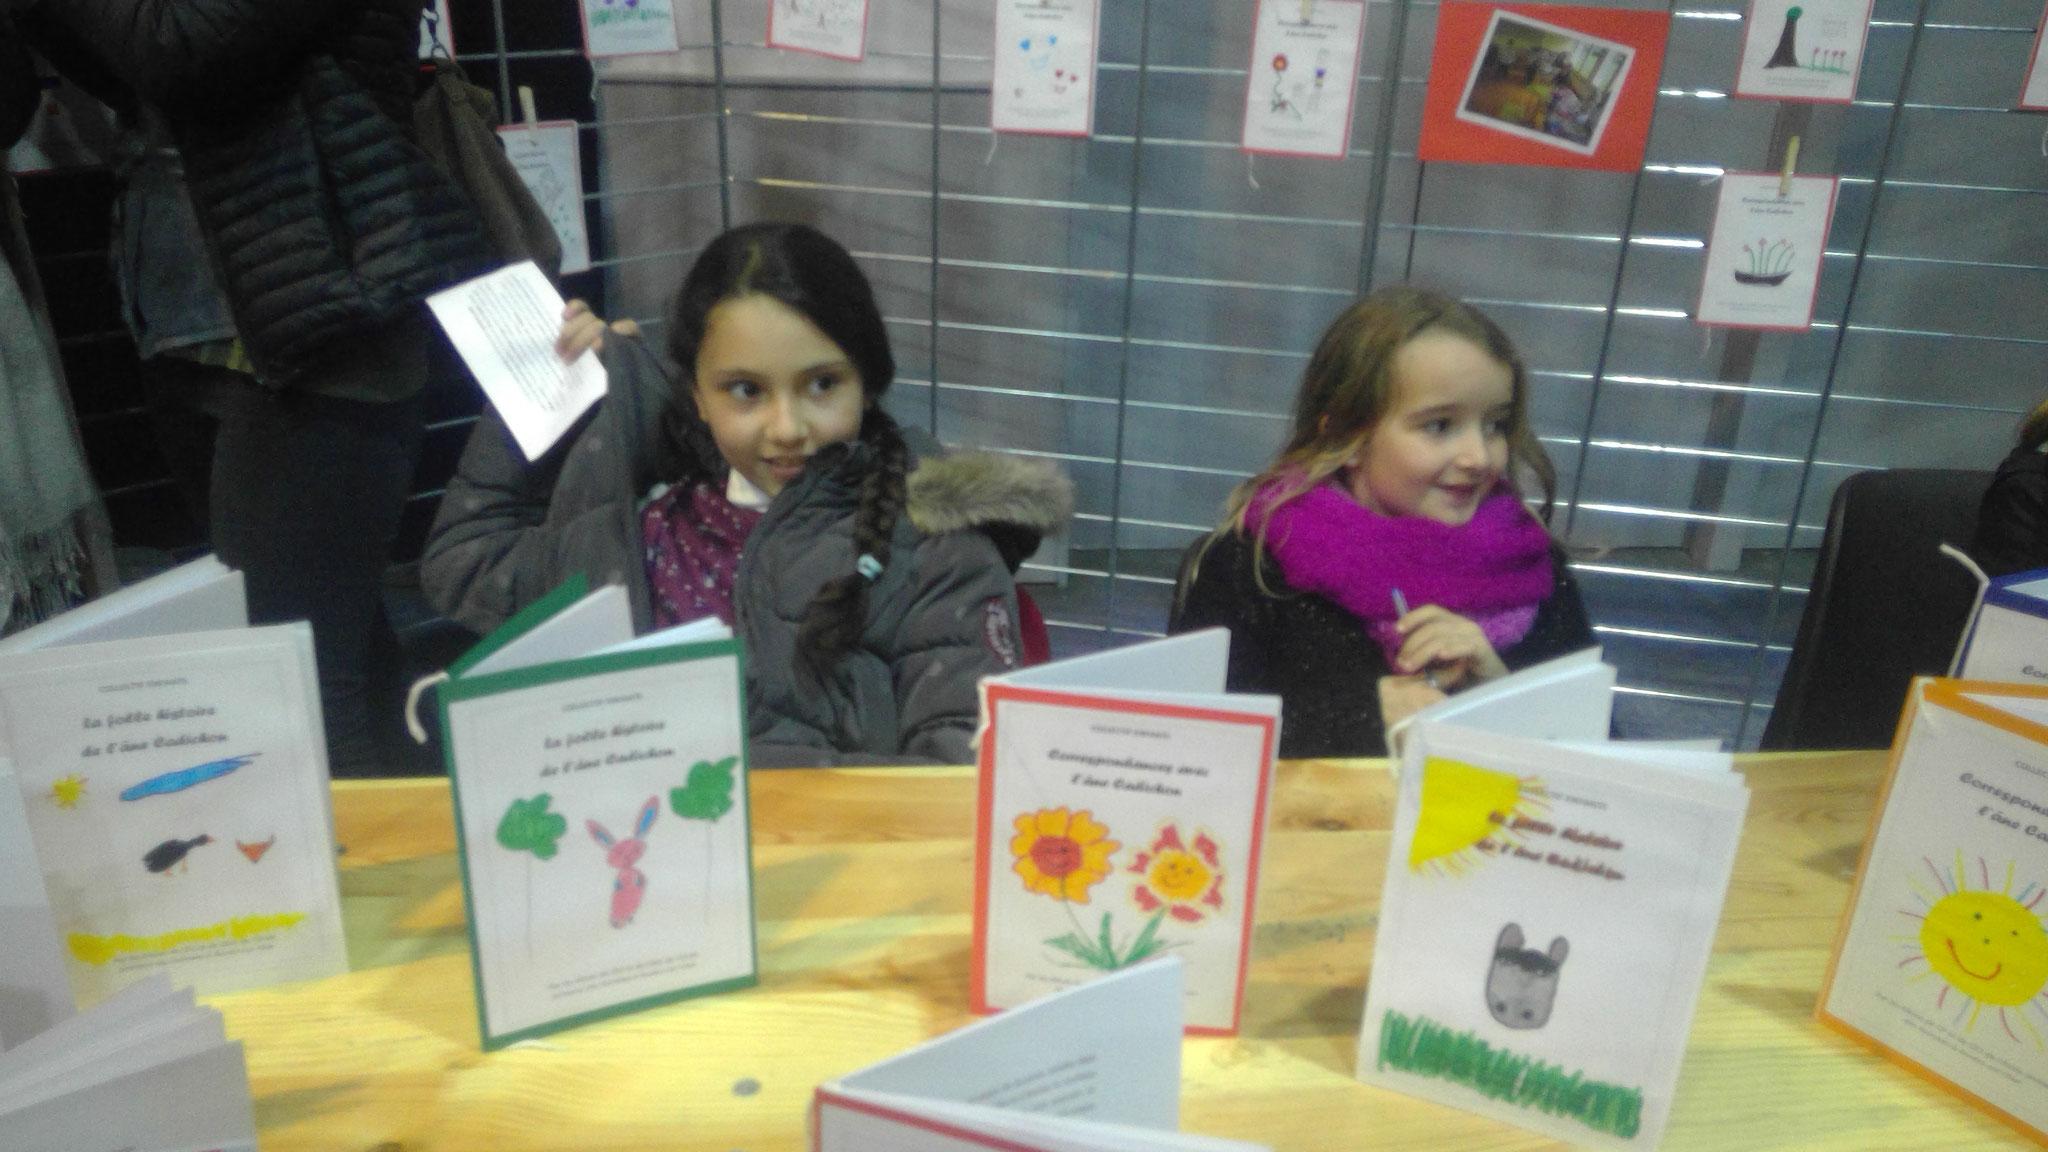 Sirine et Sandy, élèves de CM1 prêtent à signer La folle histoire de l'âne Cadichon